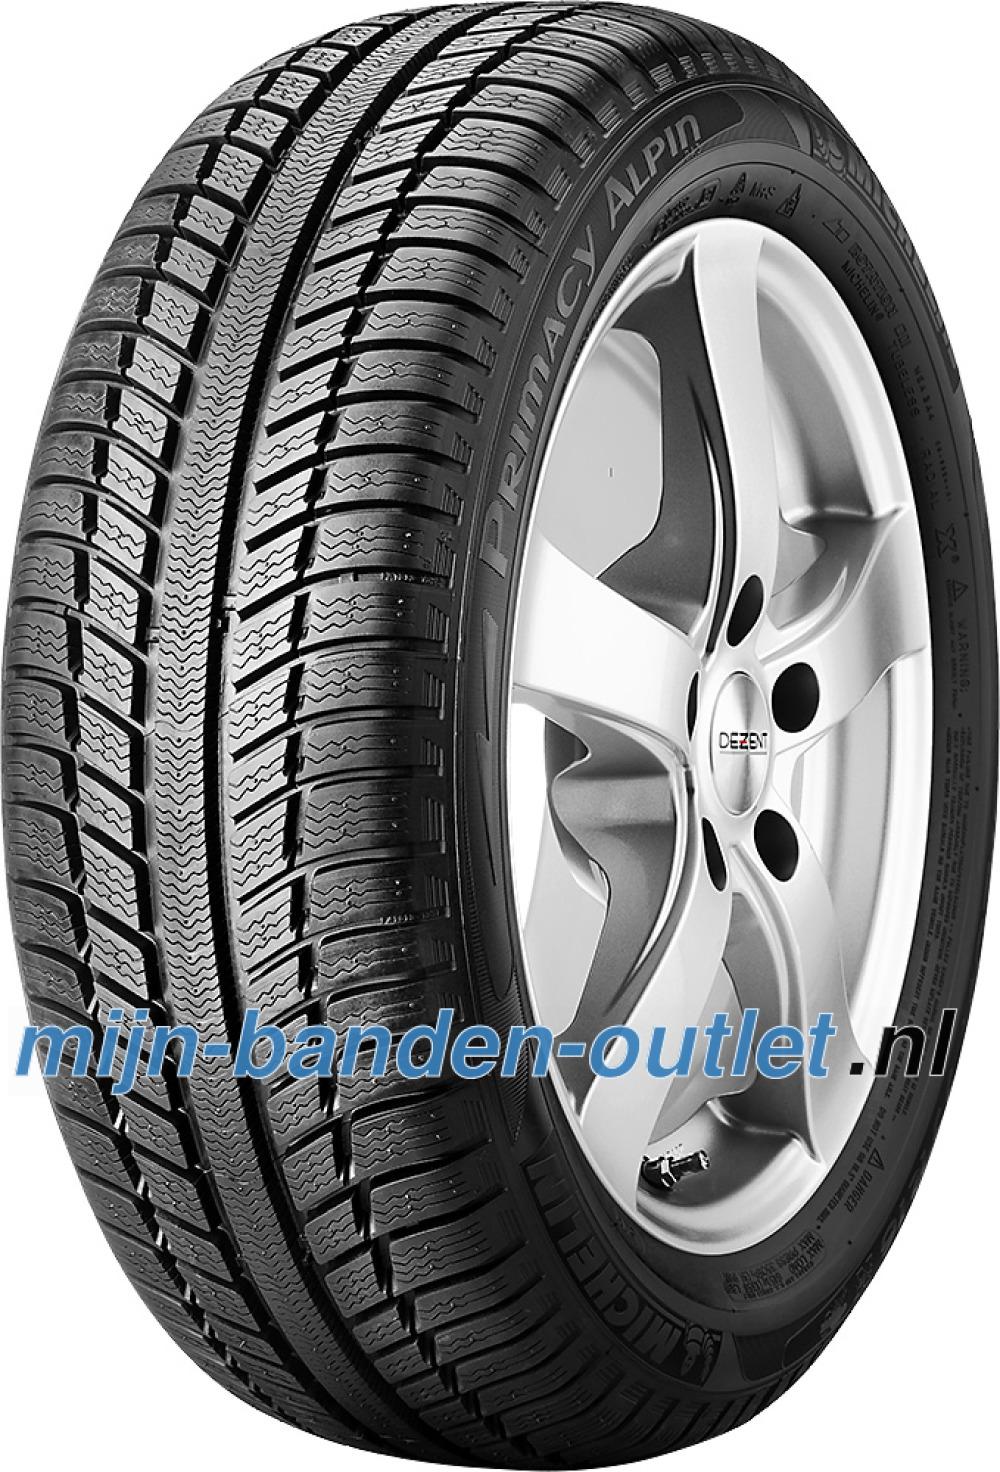 Michelin Primacy Alpin PA3 ( 225/55 R16 95H , met wangbescherming (FSL), MO, GRNX )